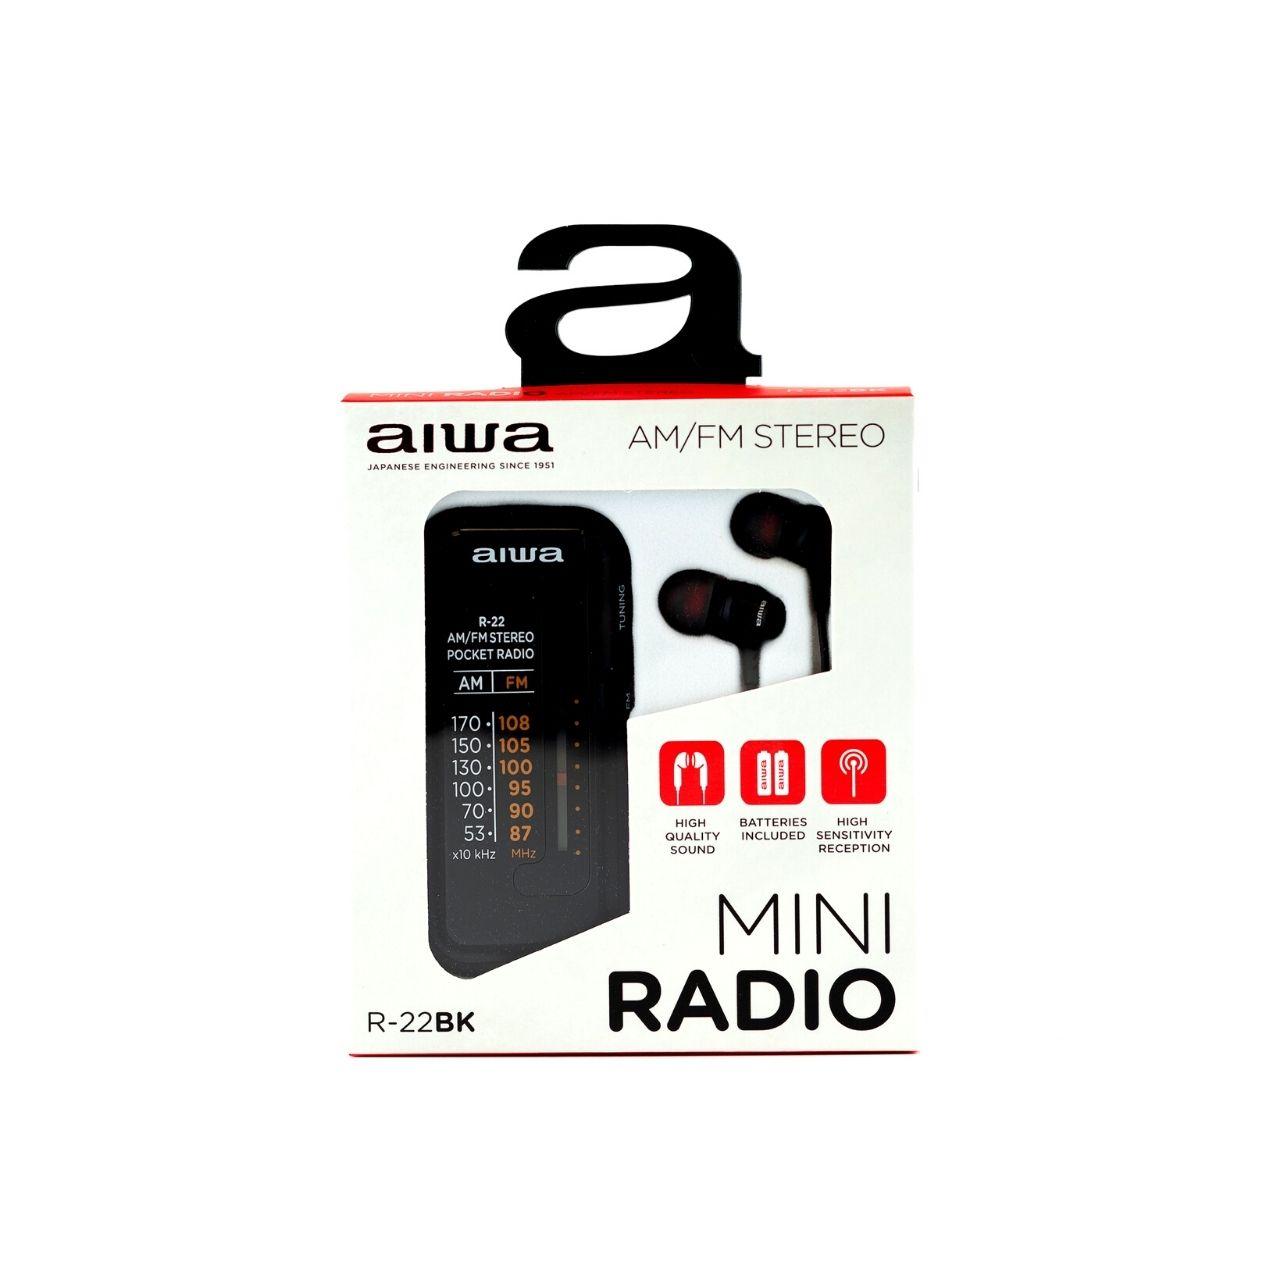 Aiwa Radio de bolsillo R-22BK + auriculares, AM/FM, Negra